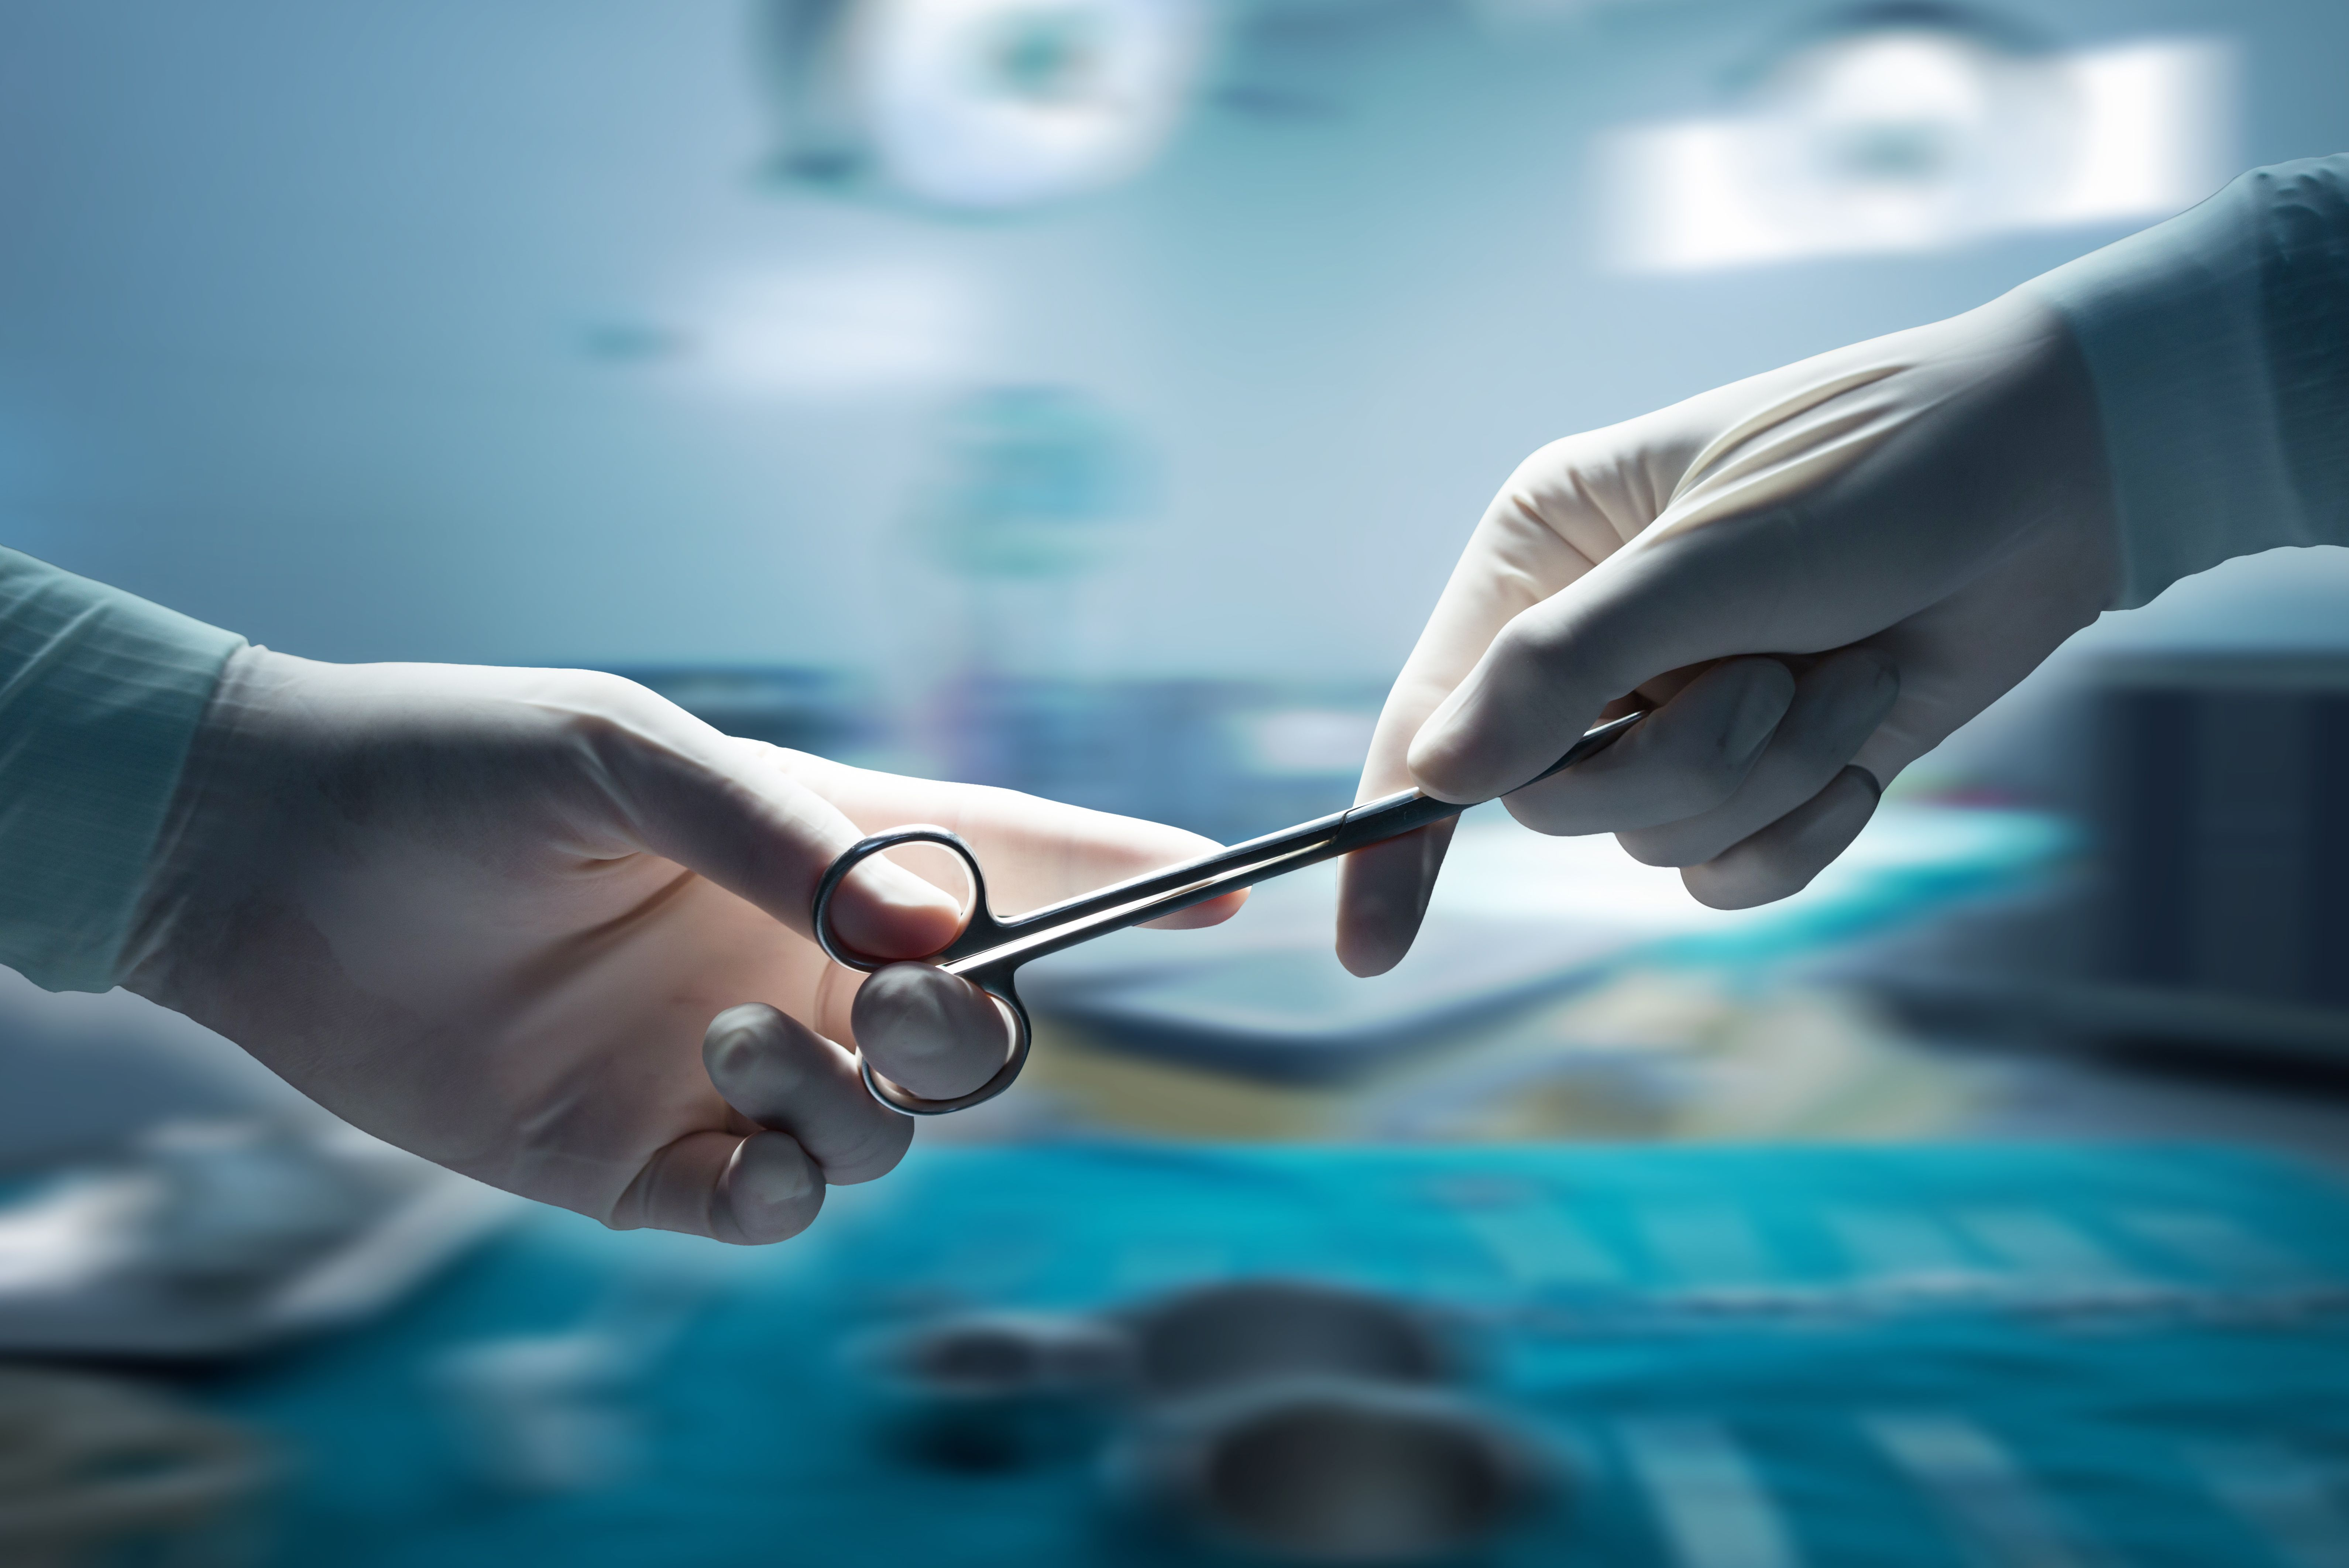 Cirugía: ¿Qué hacemos por tu mascota? de Clínica Veterinaria Corazón de León